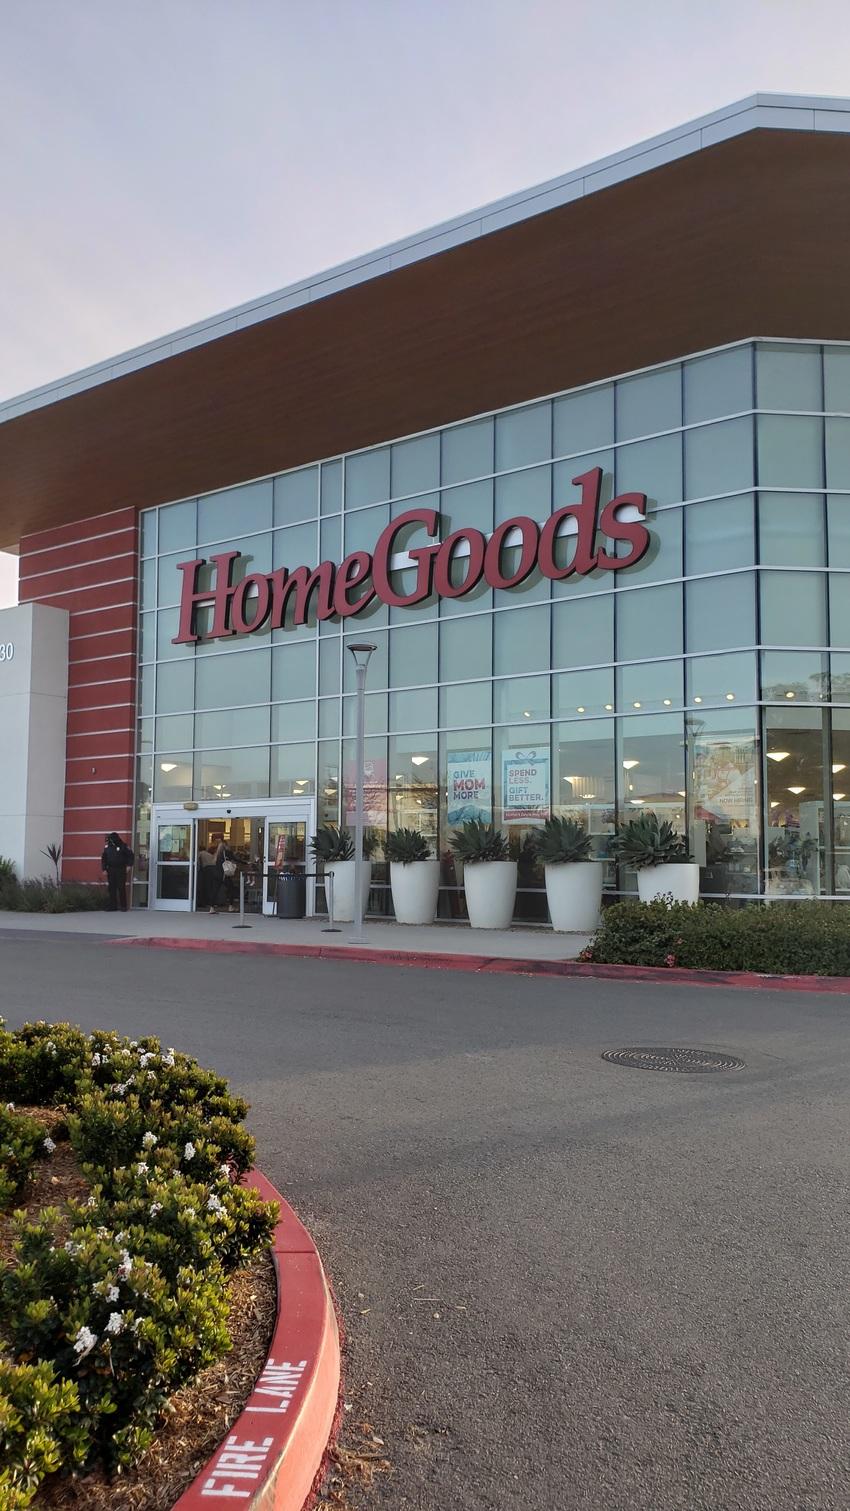 サンディエゴ:HomeGood...